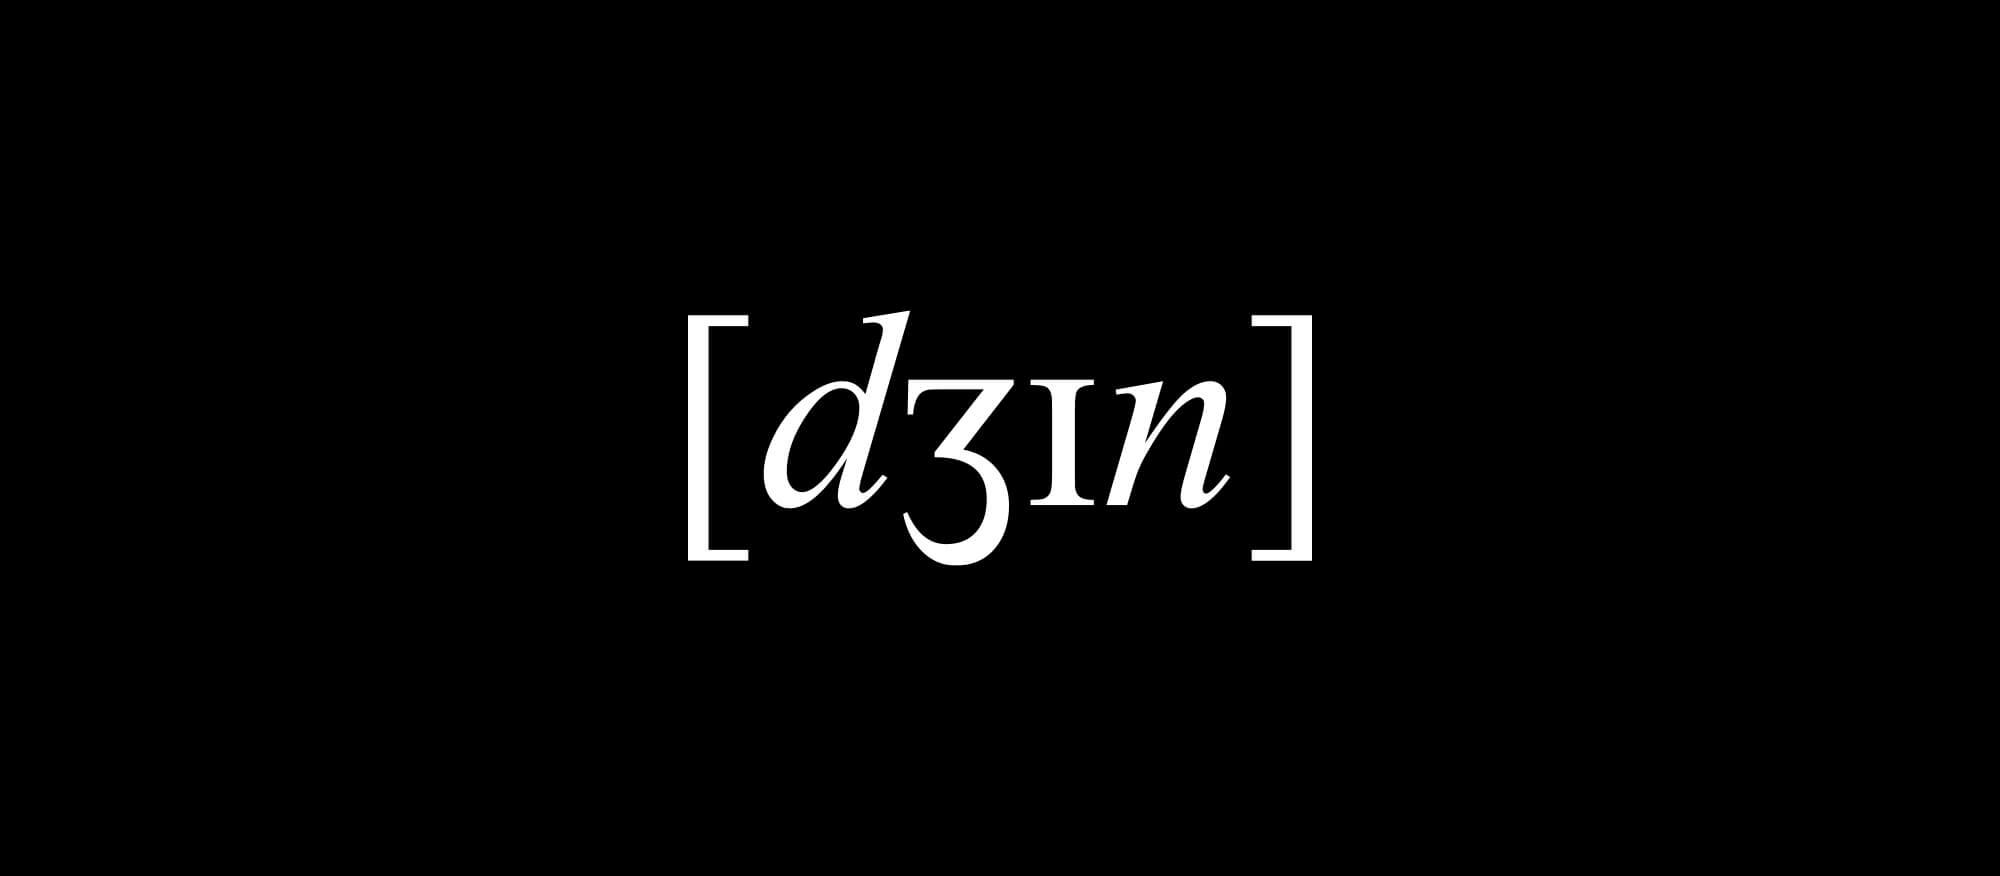 Schau und Horch Logodesign Dein Gin 1 - Corporate Identity für [dʒɪn]